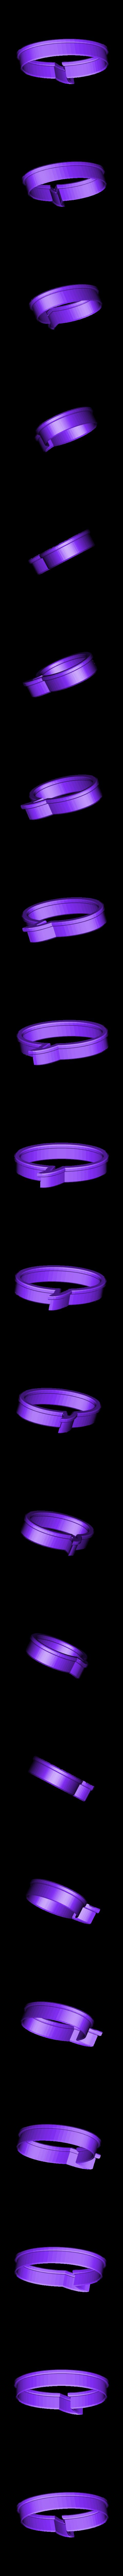 Word Bubble 1 Cookie Cutter.stl Télécharger fichier STL gratuit Bubble 1 coupe-biscuits Word Bubble • Design pour impression 3D, 3DBuilder